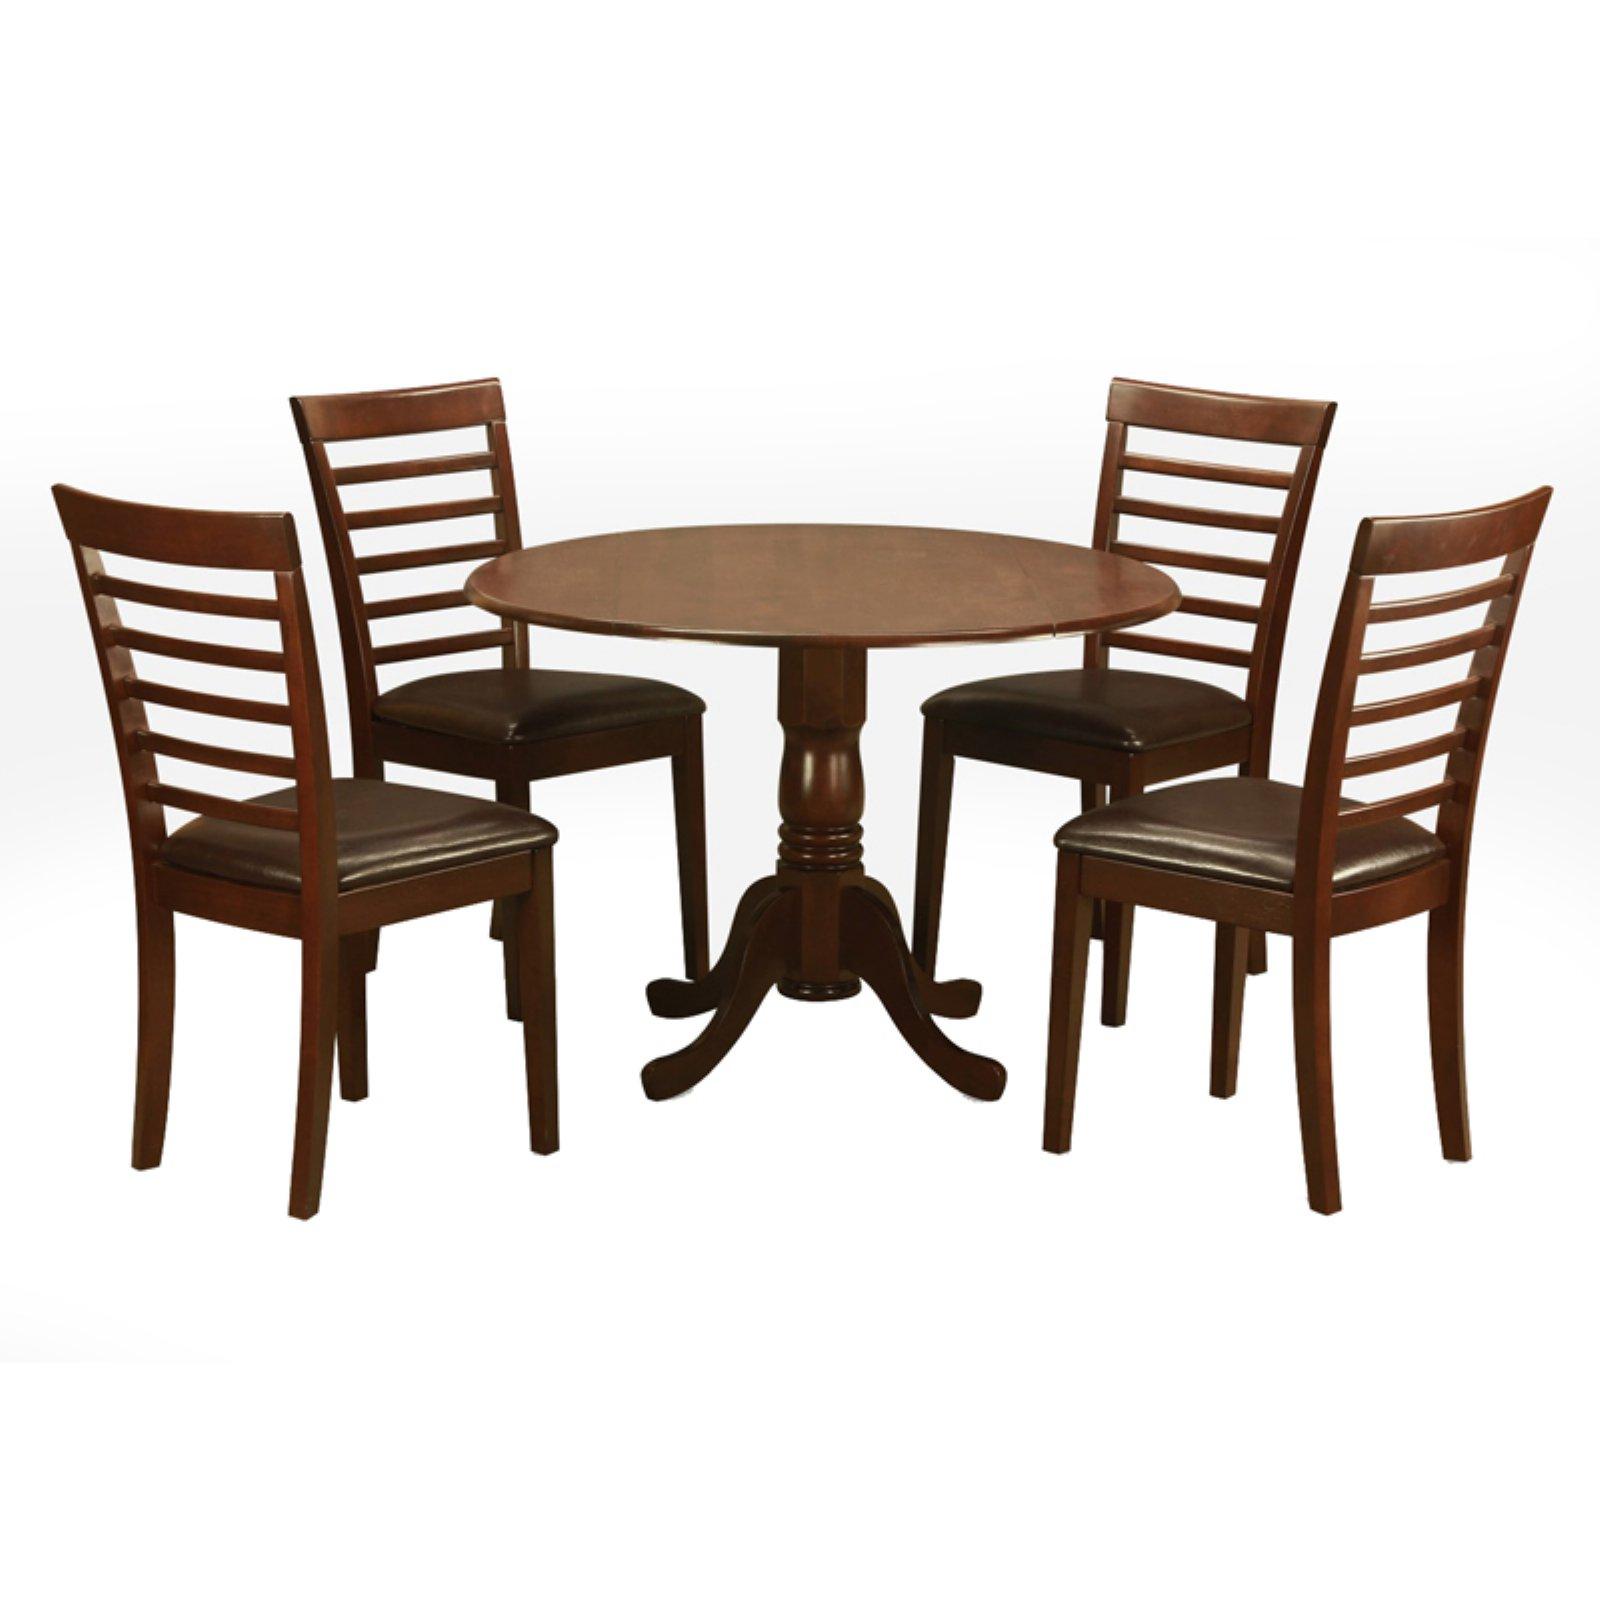 Groovy East West Furniture Dublin 5 Piece Dining Table Set With Creativecarmelina Interior Chair Design Creativecarmelinacom